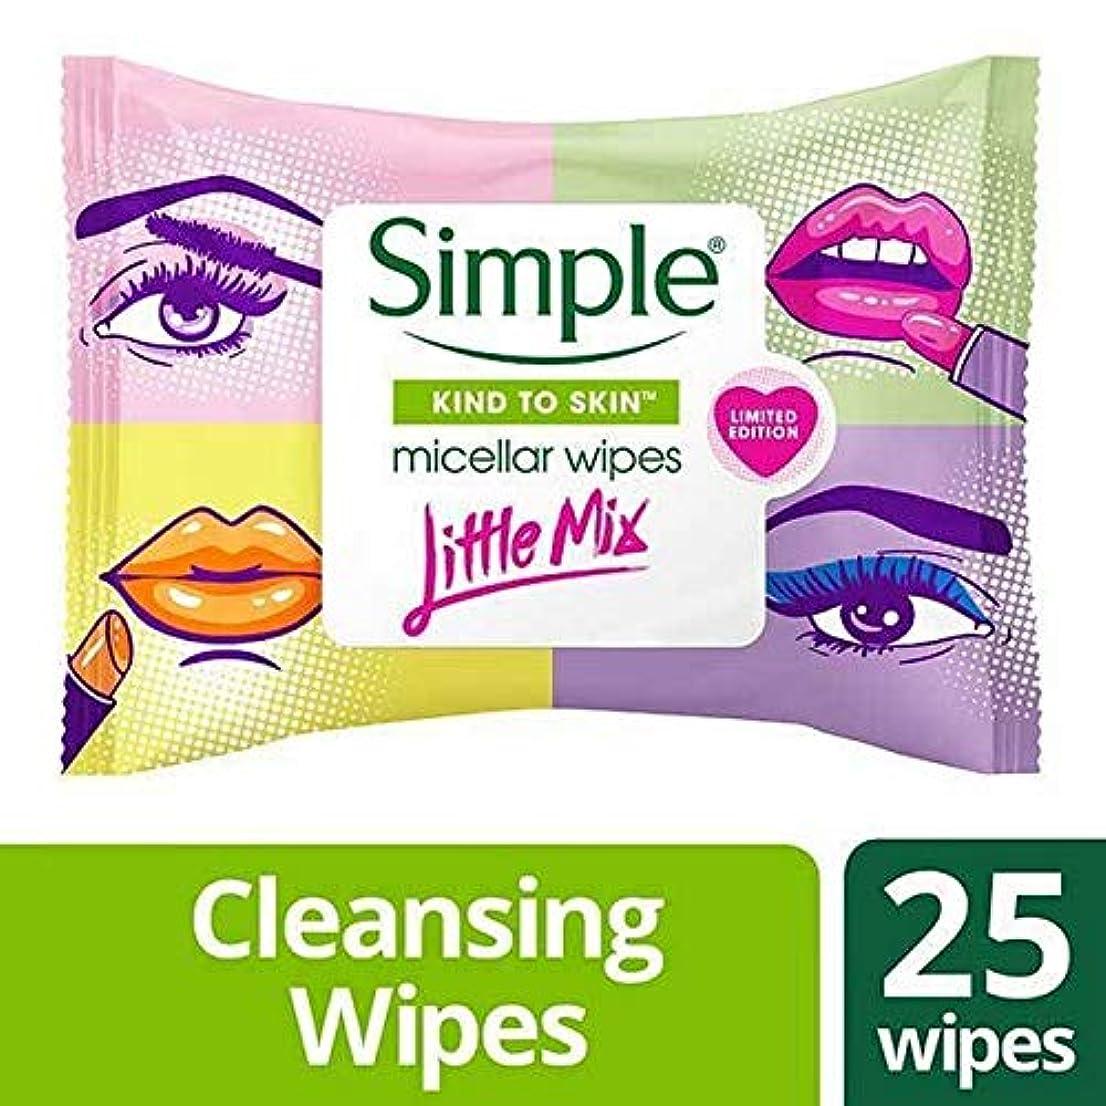 異常な爆発する叫び声[Simple ] 単純X少しミックスミセルは、25Sワイプ - Simple x Little Mix Micellar Wipes 25s [並行輸入品]